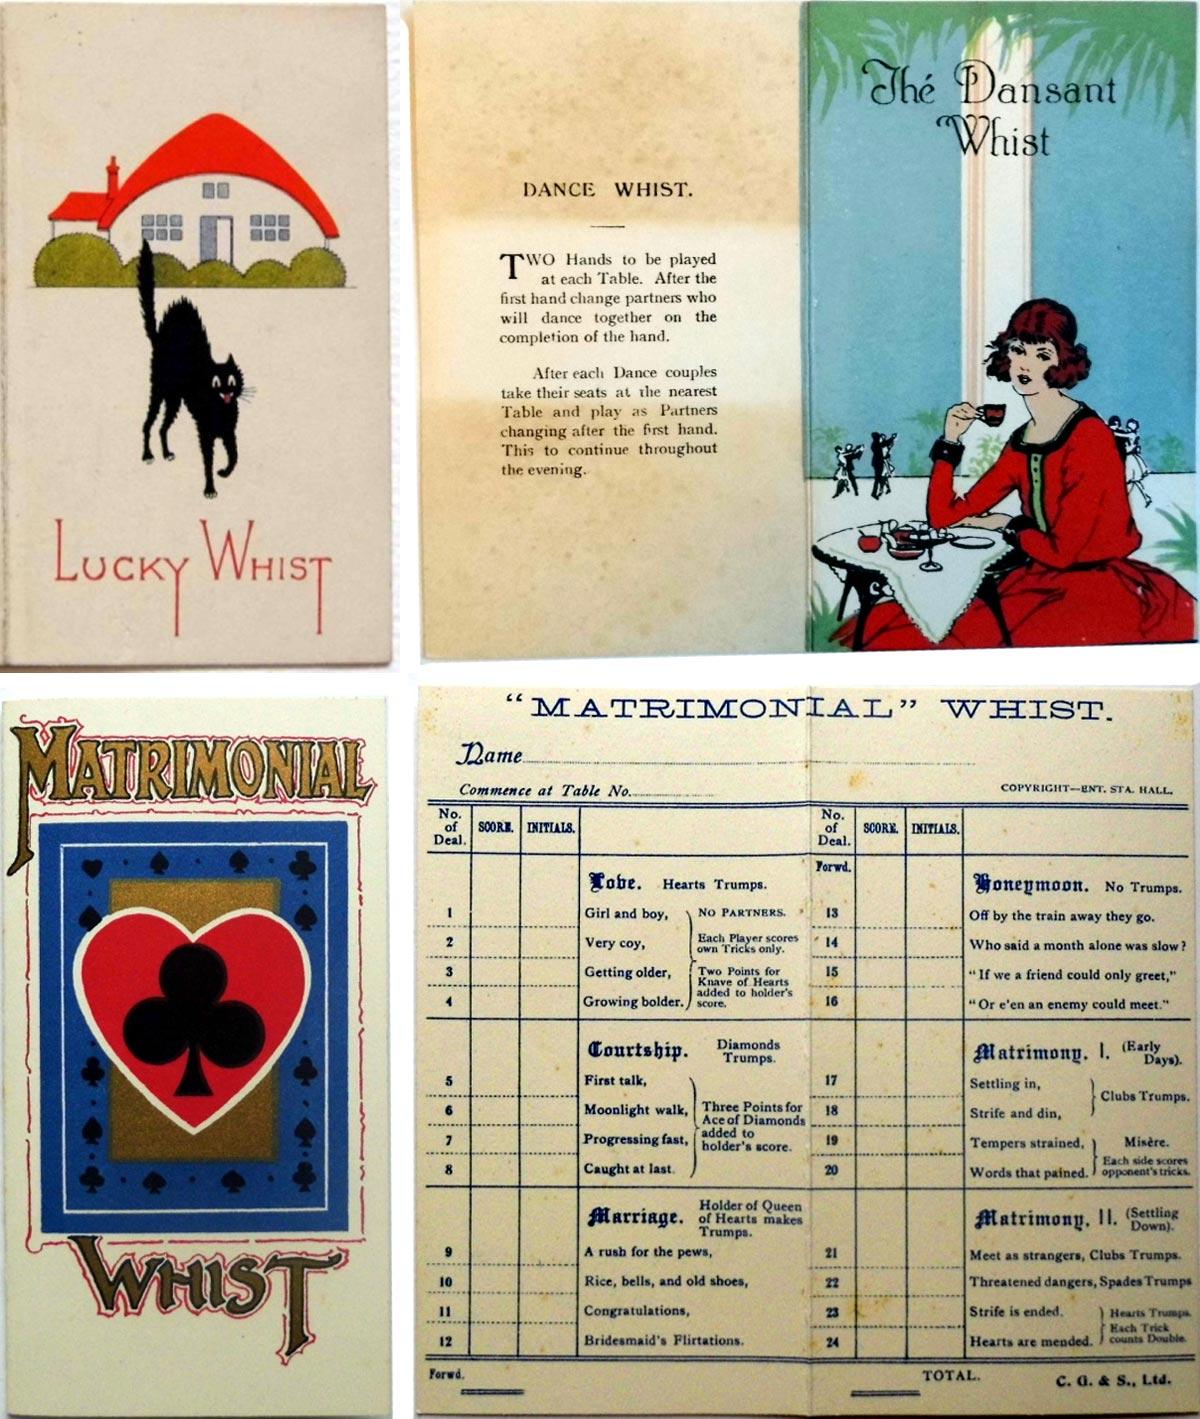 Progressive Whist score cards